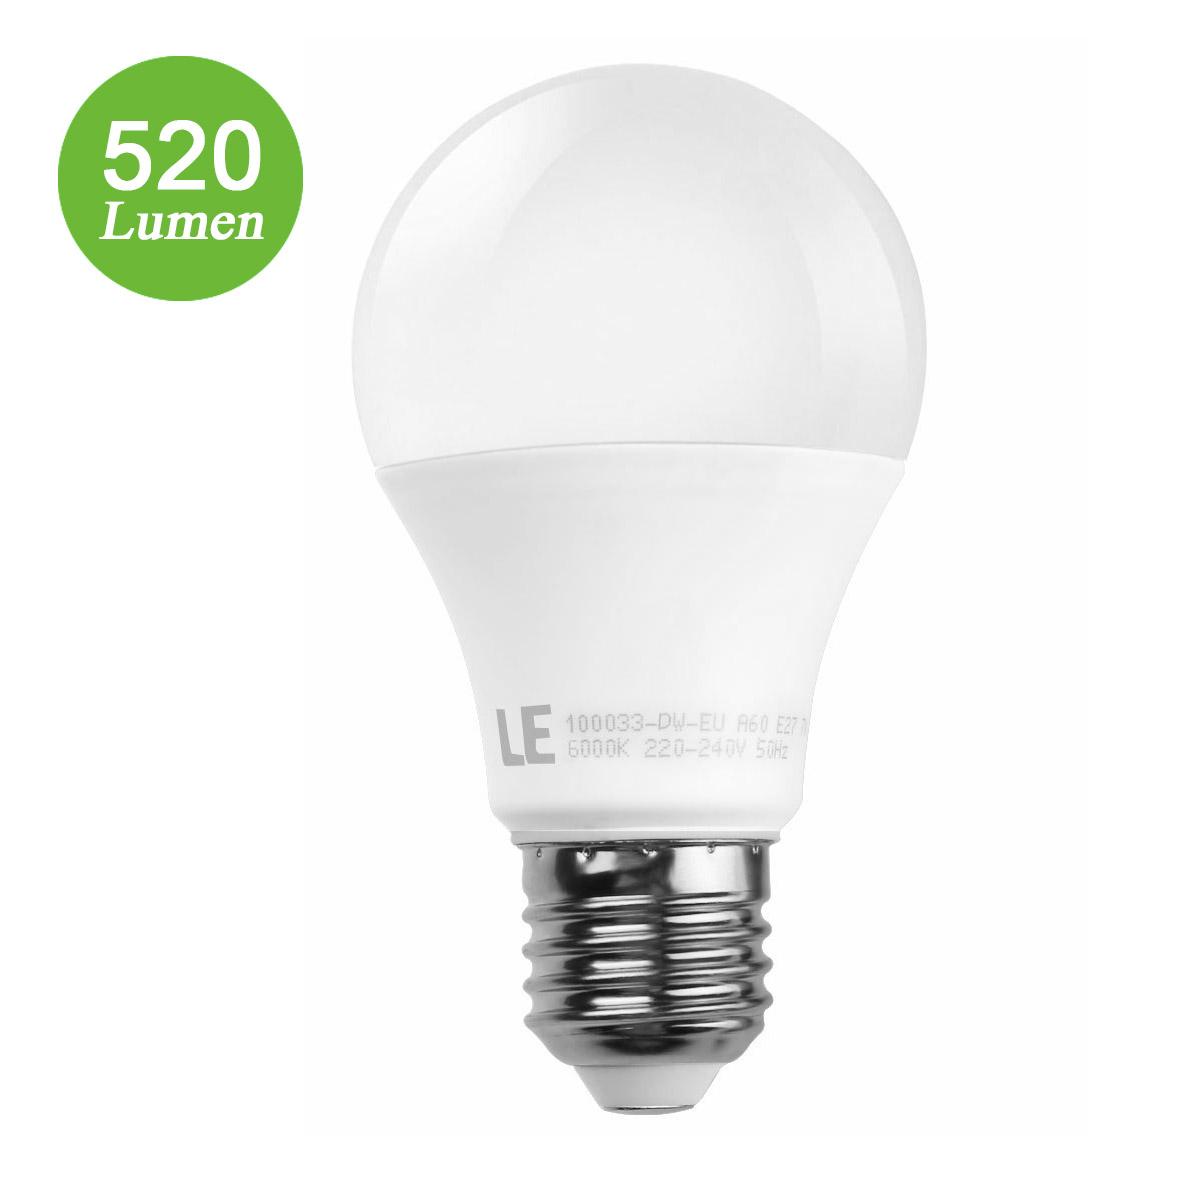 7W E27 LED Birnen, A60 520lm Lampe, Strahler Licht, ersetzt 40W Glühlampe, Kaltweiß